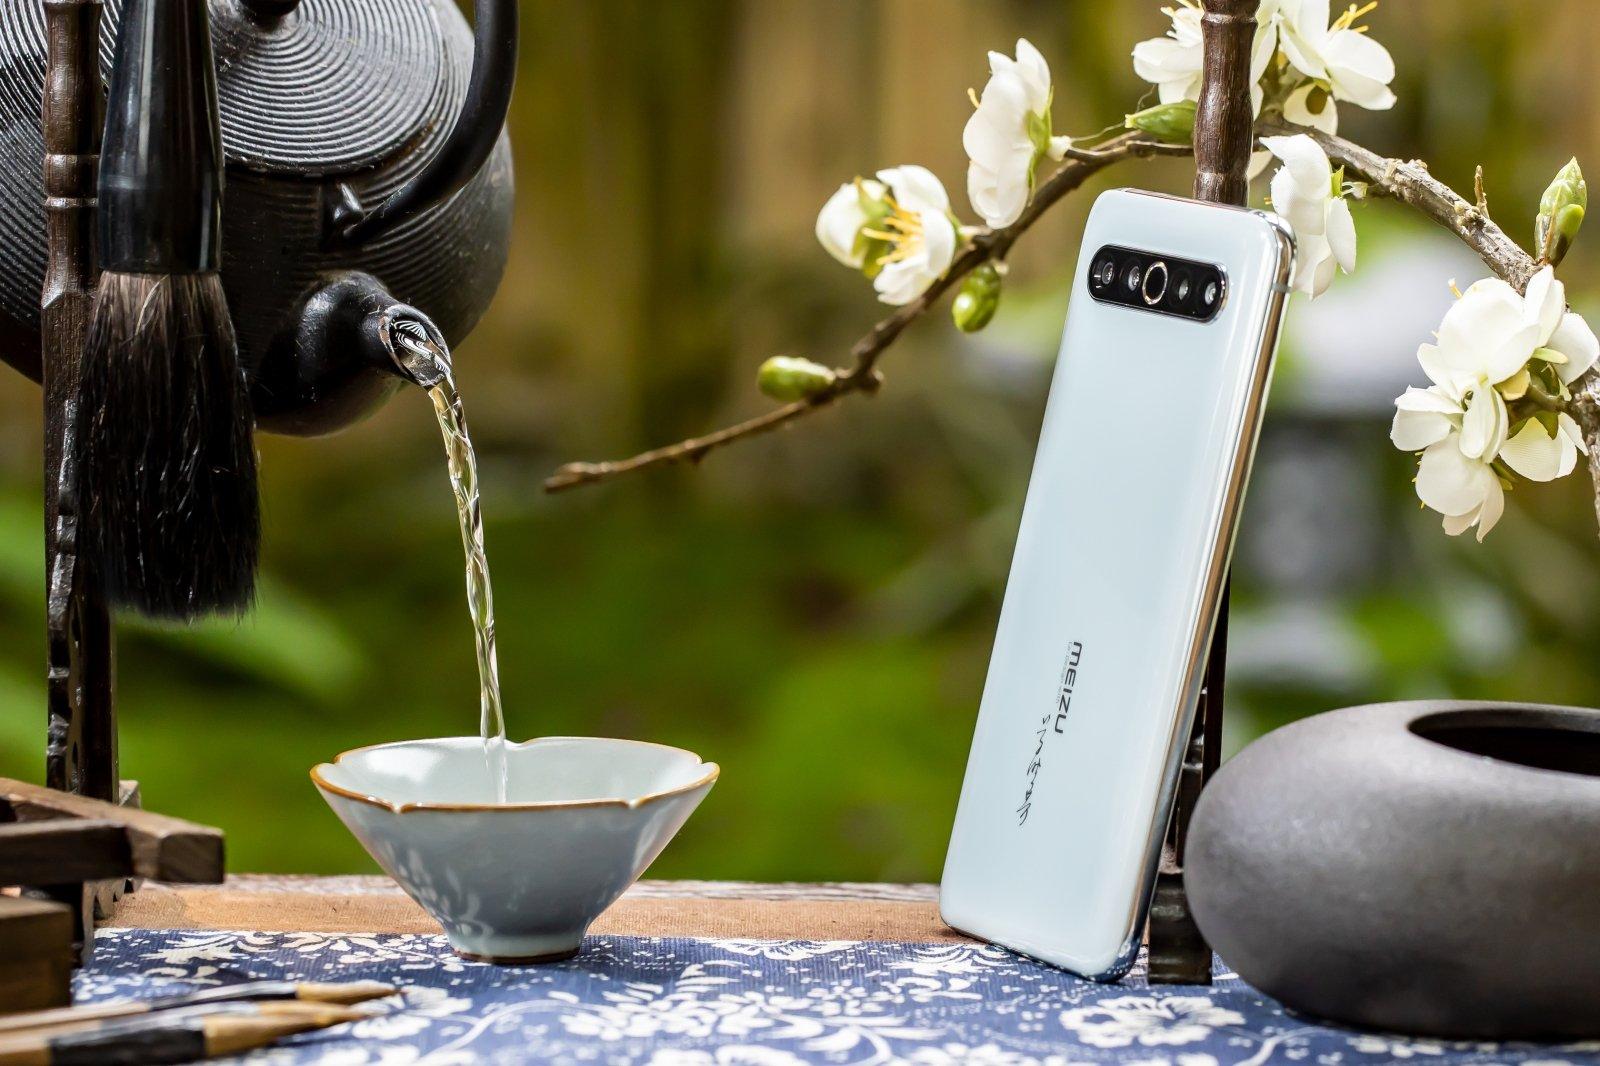 Коллекционный телефон от Meizu